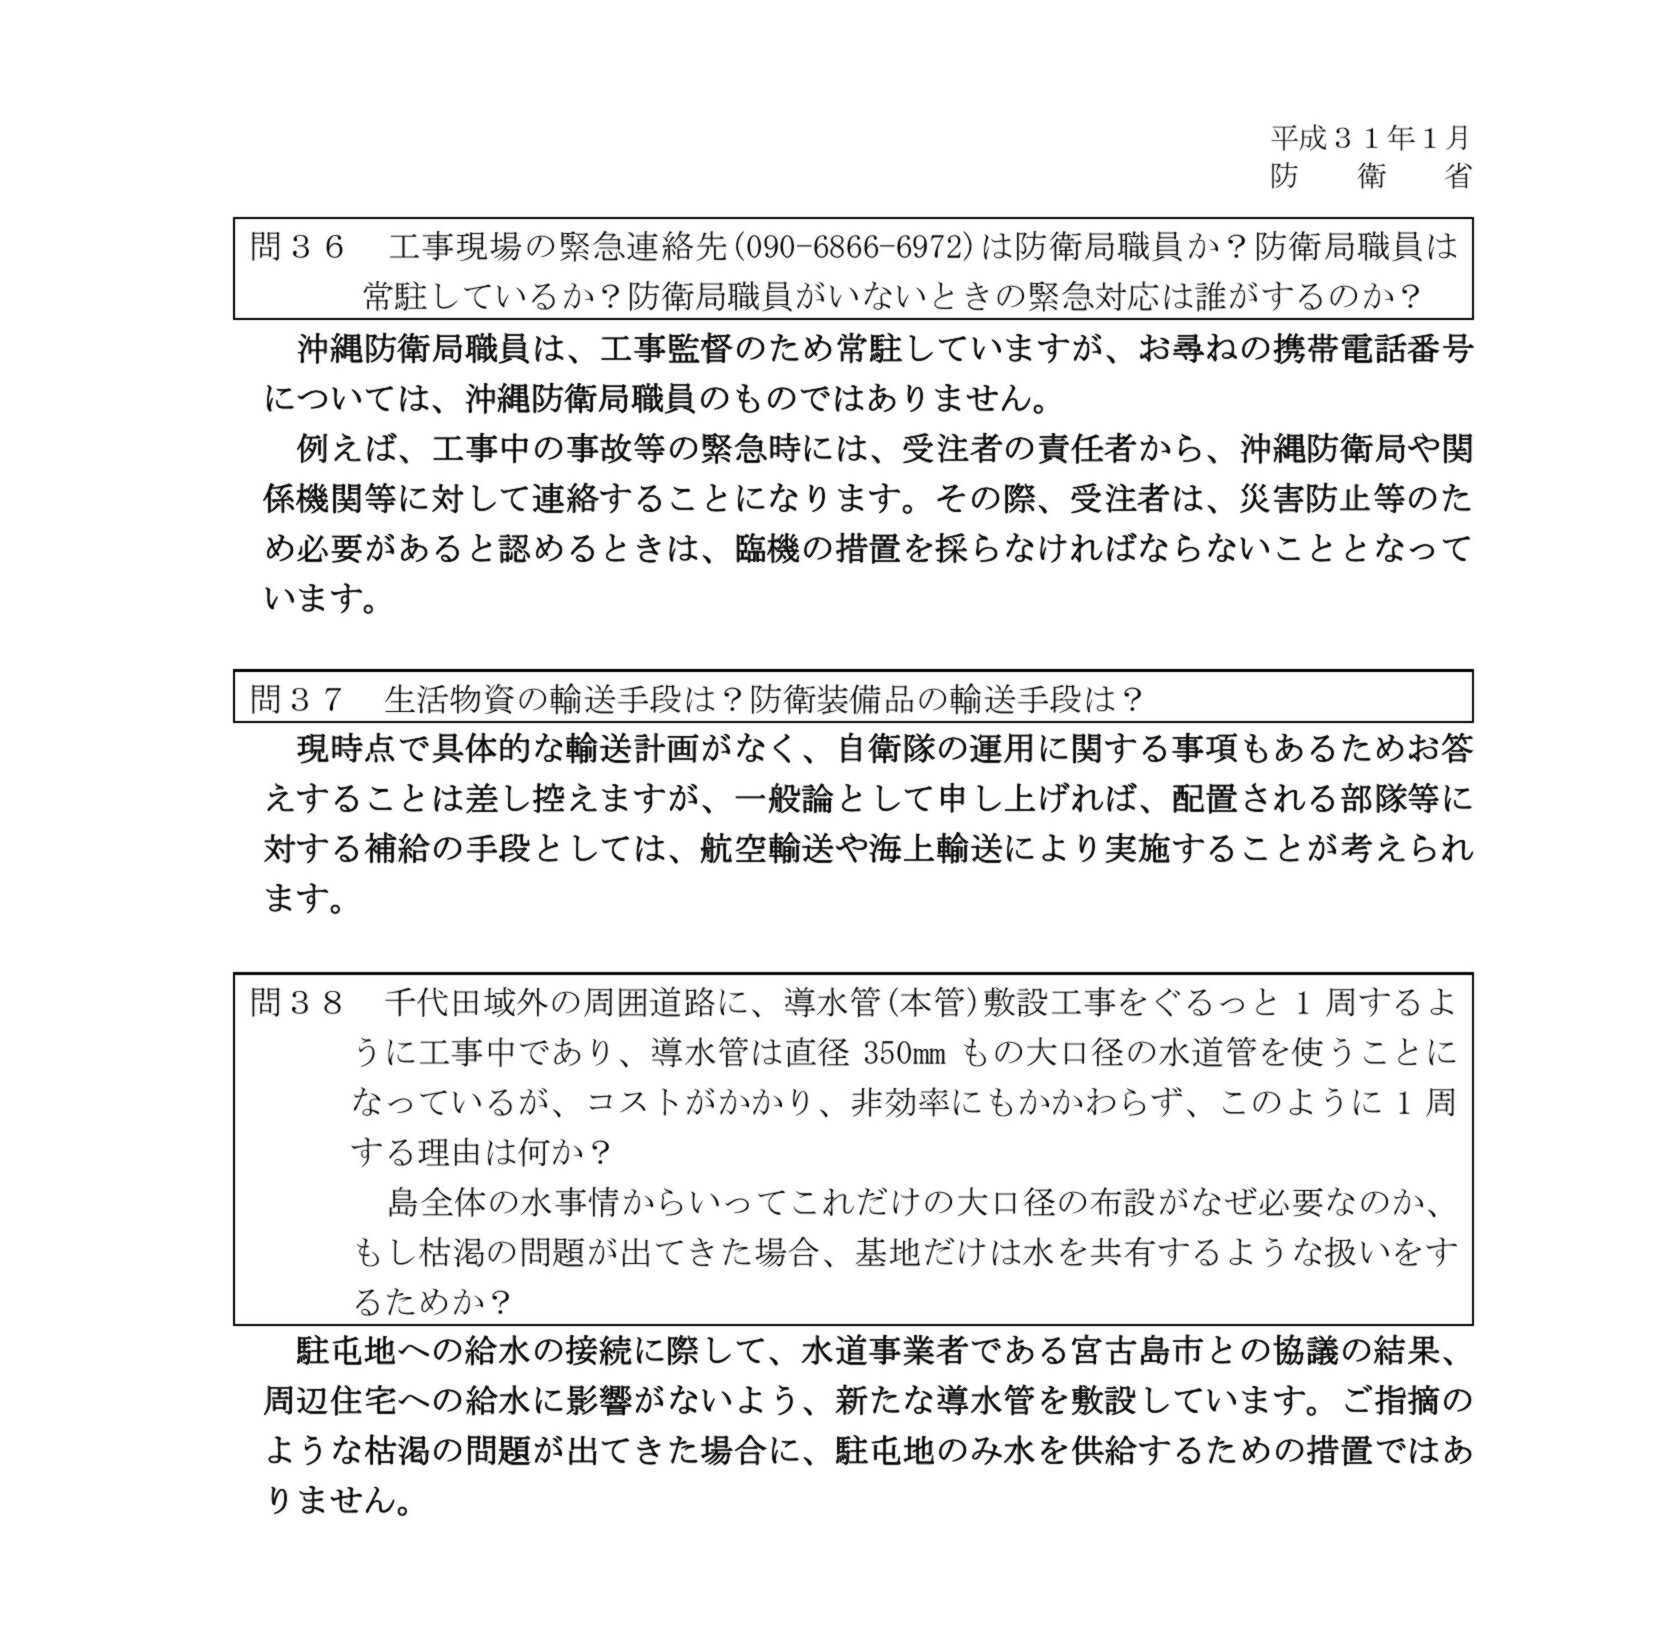 201901防衛省回答0008